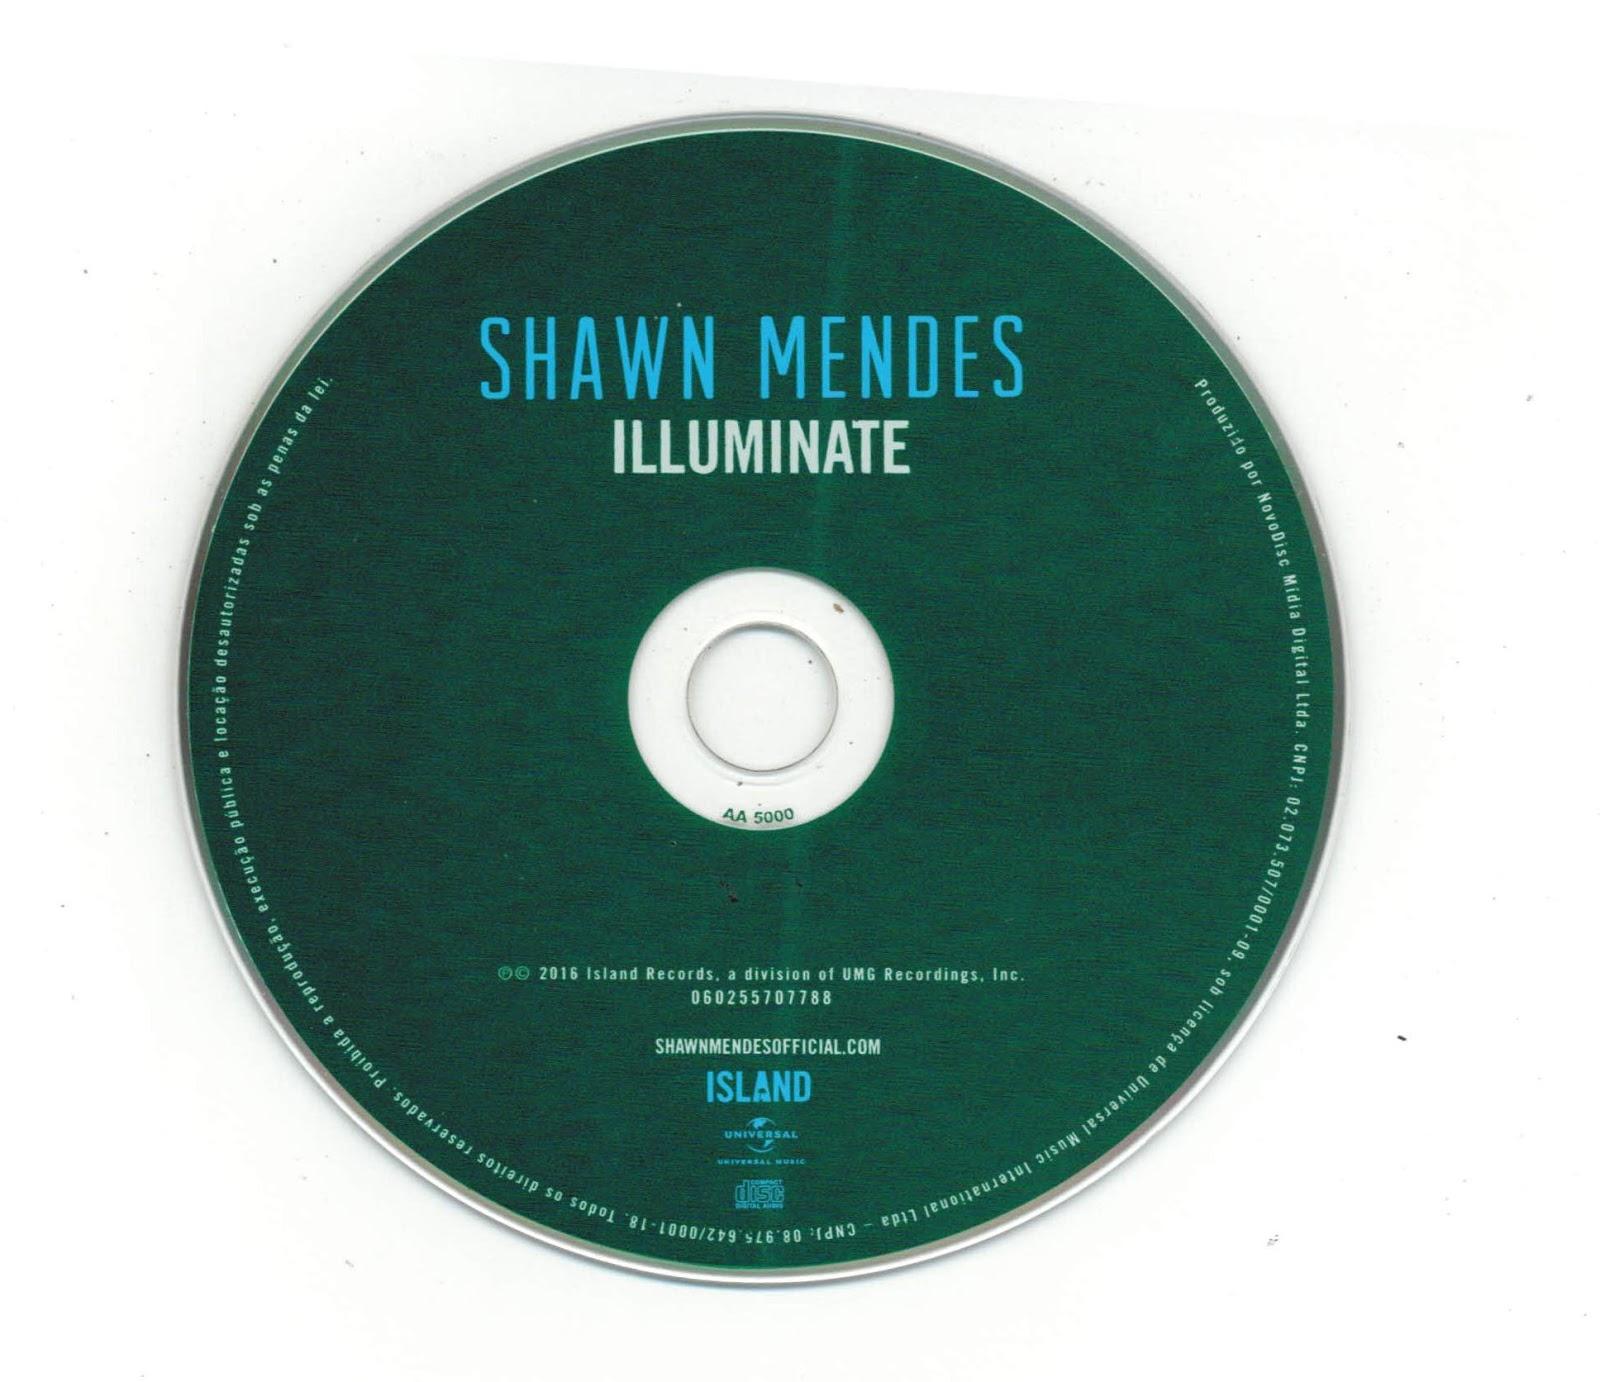 Illuminate Deluxe Shawn Mendes: Encartes Pop: Encarte: Shawn Mendes